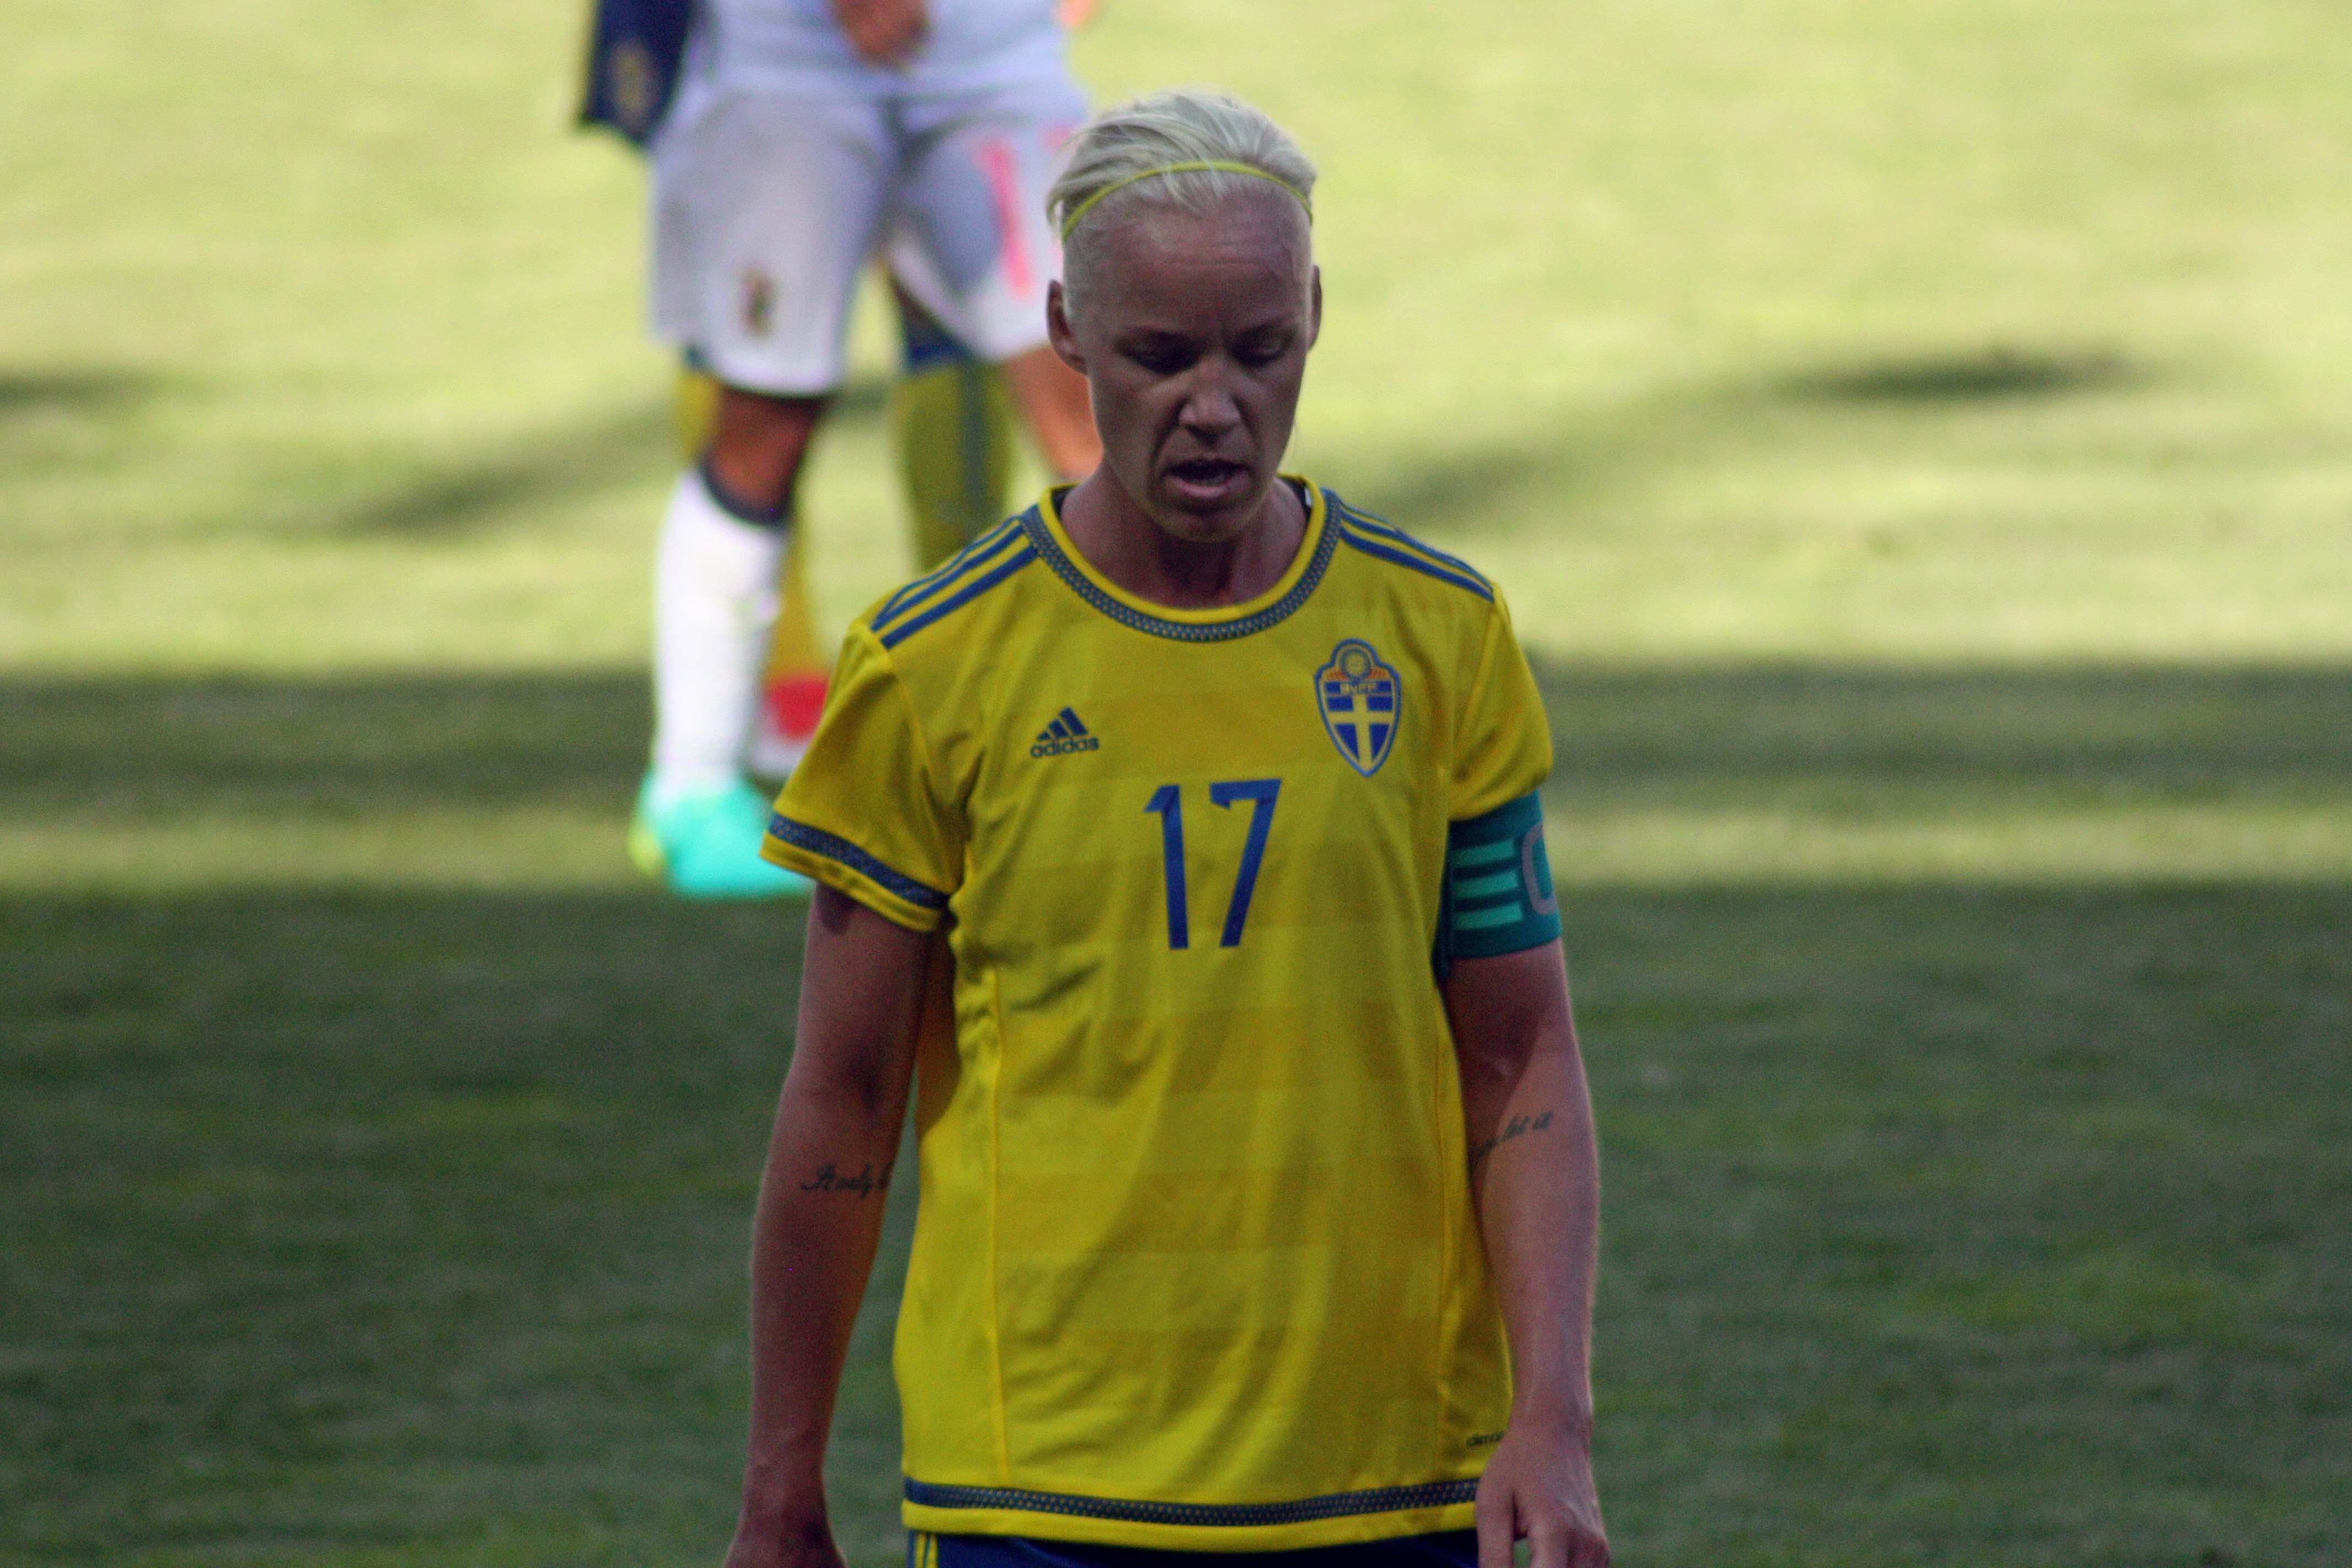 Olsson avbrot vm finalen efter skadekanning